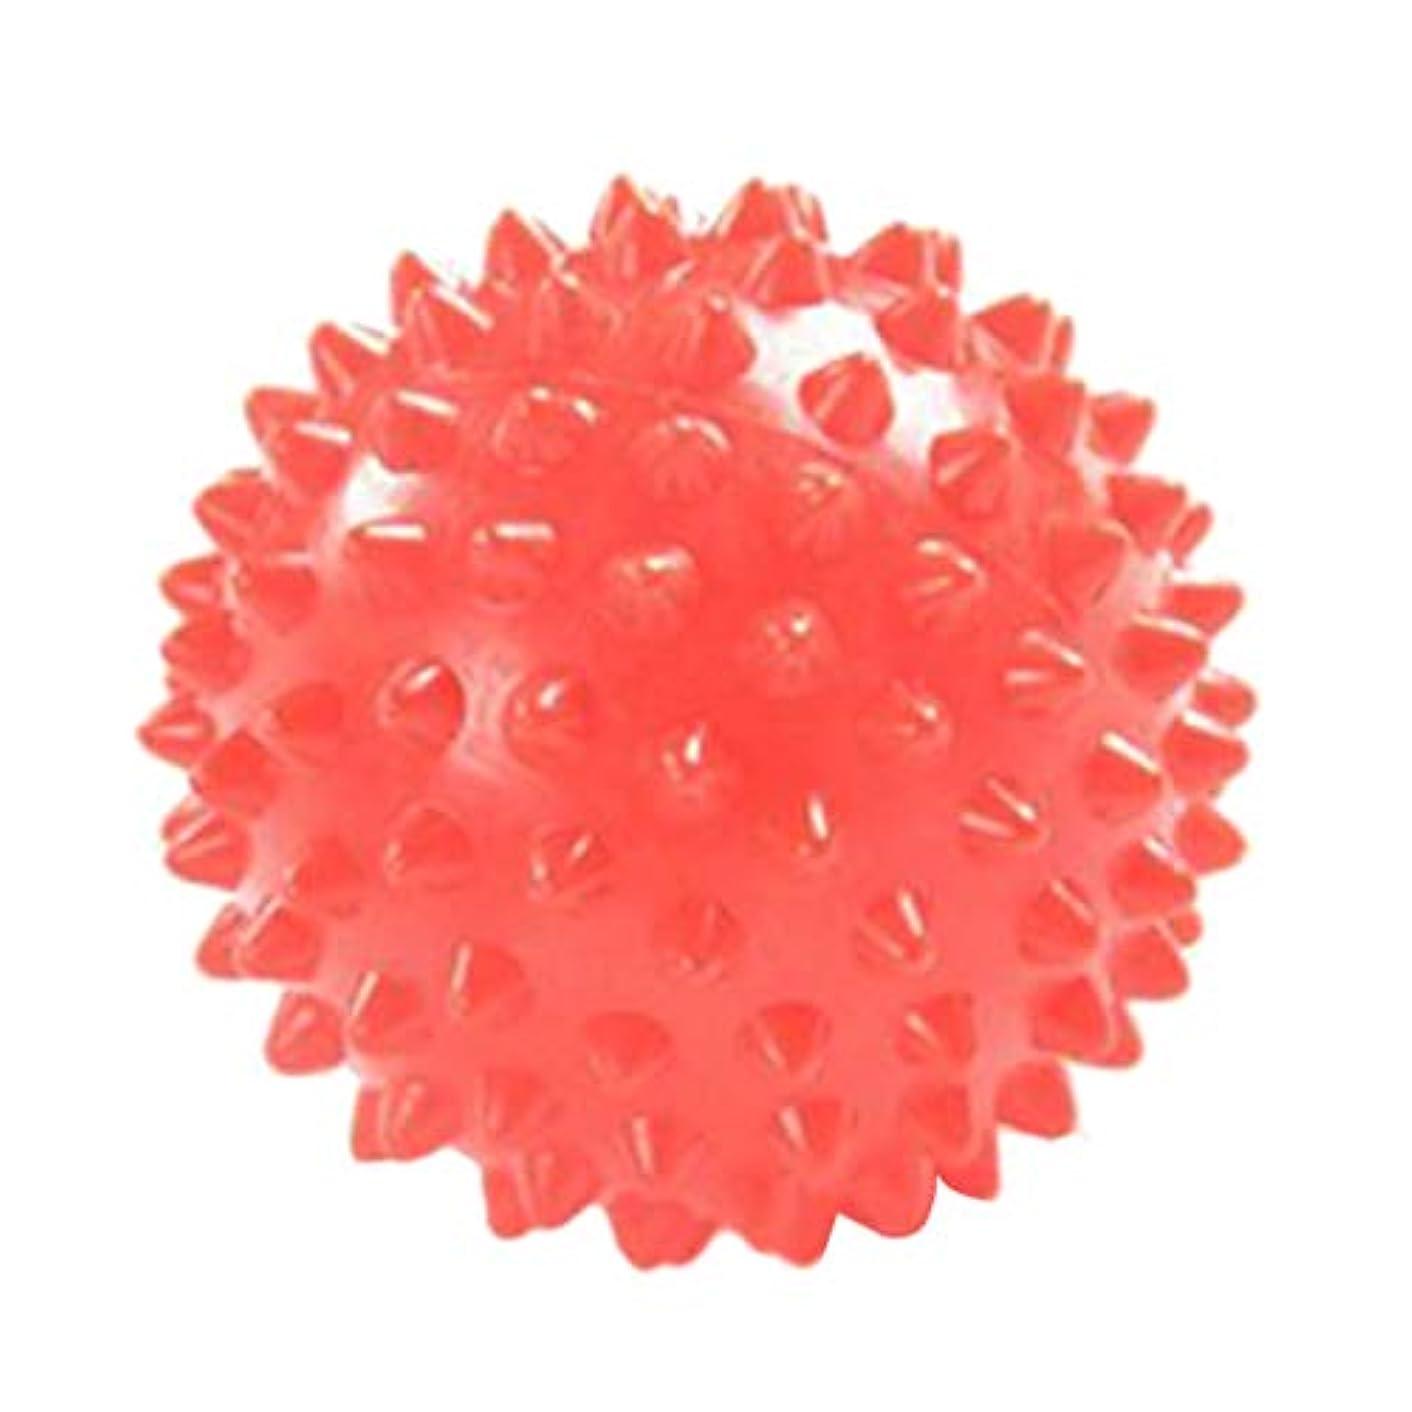 わかる堀サッカーヨガ マッサージボール 触覚ボール ツボ押し 7cm オレンジ